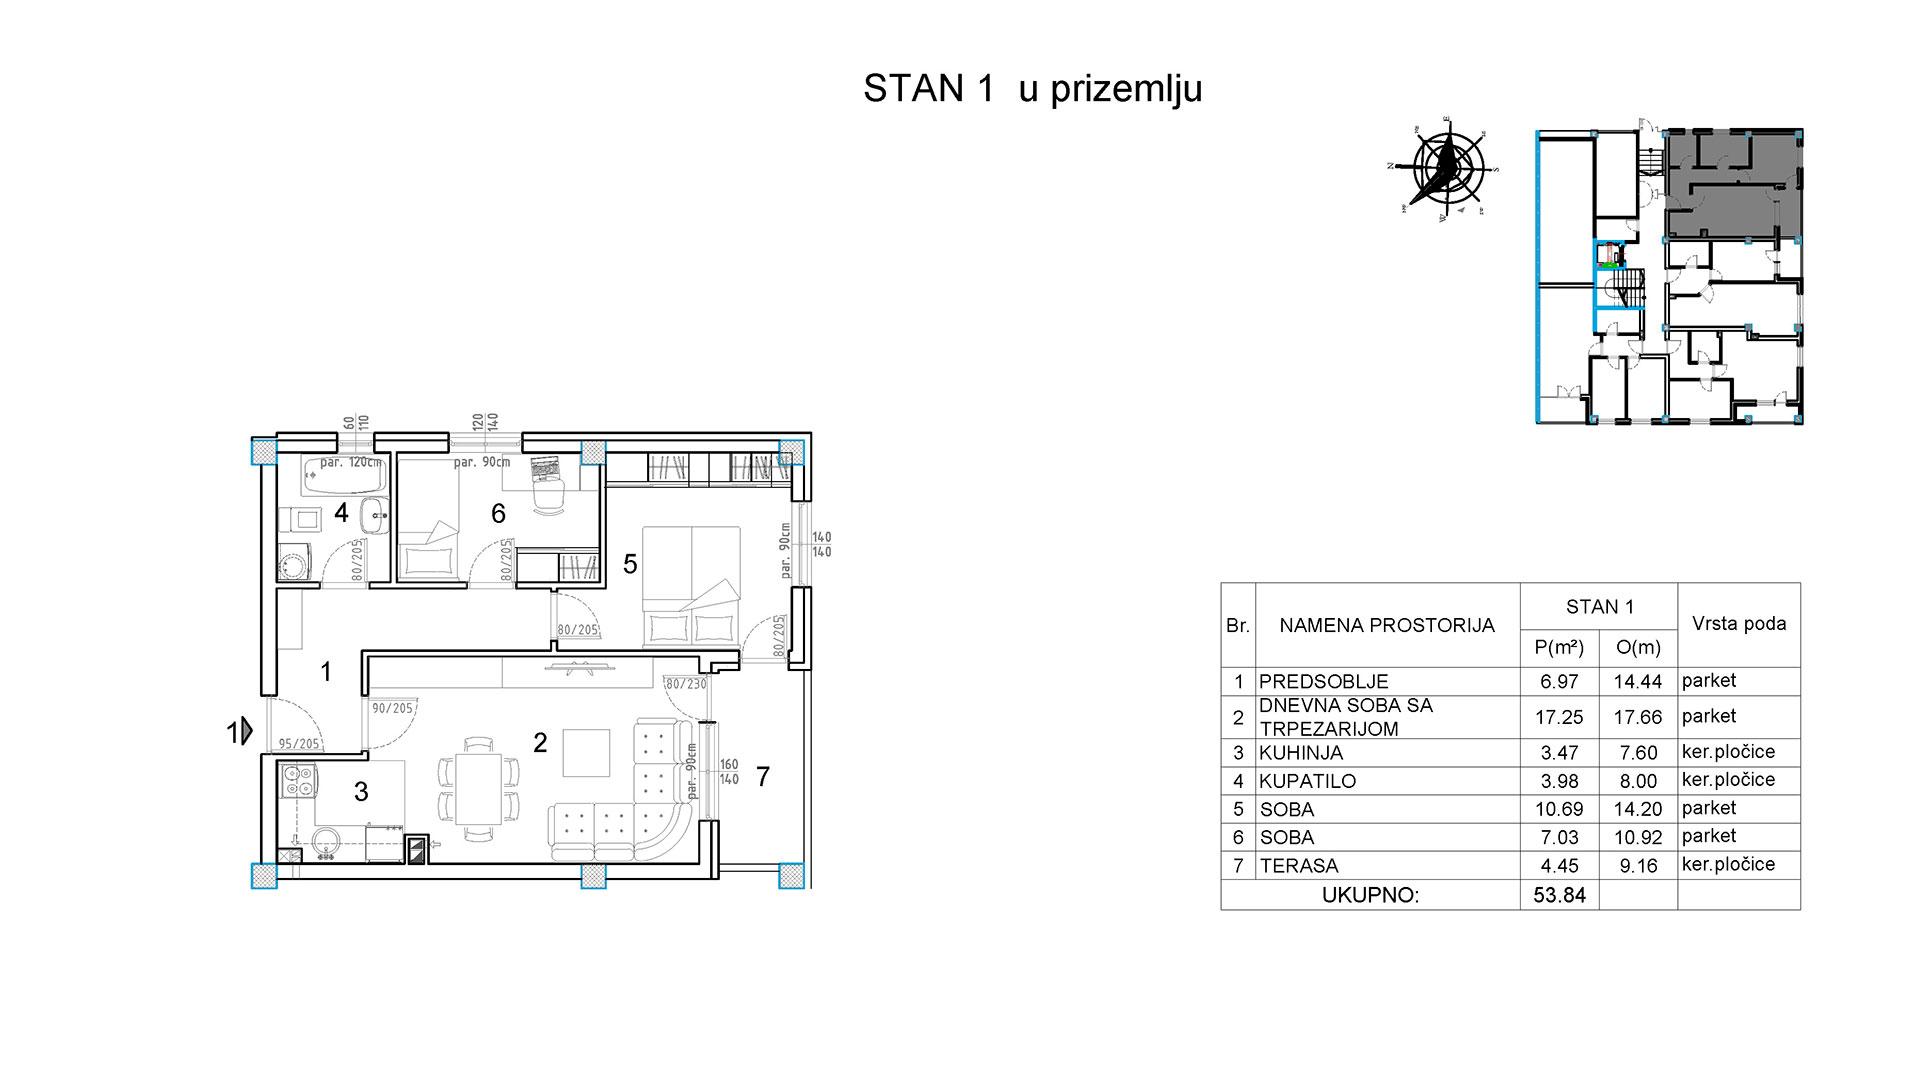 Objekat u Borivoja Stevanovica bb - Stan 1